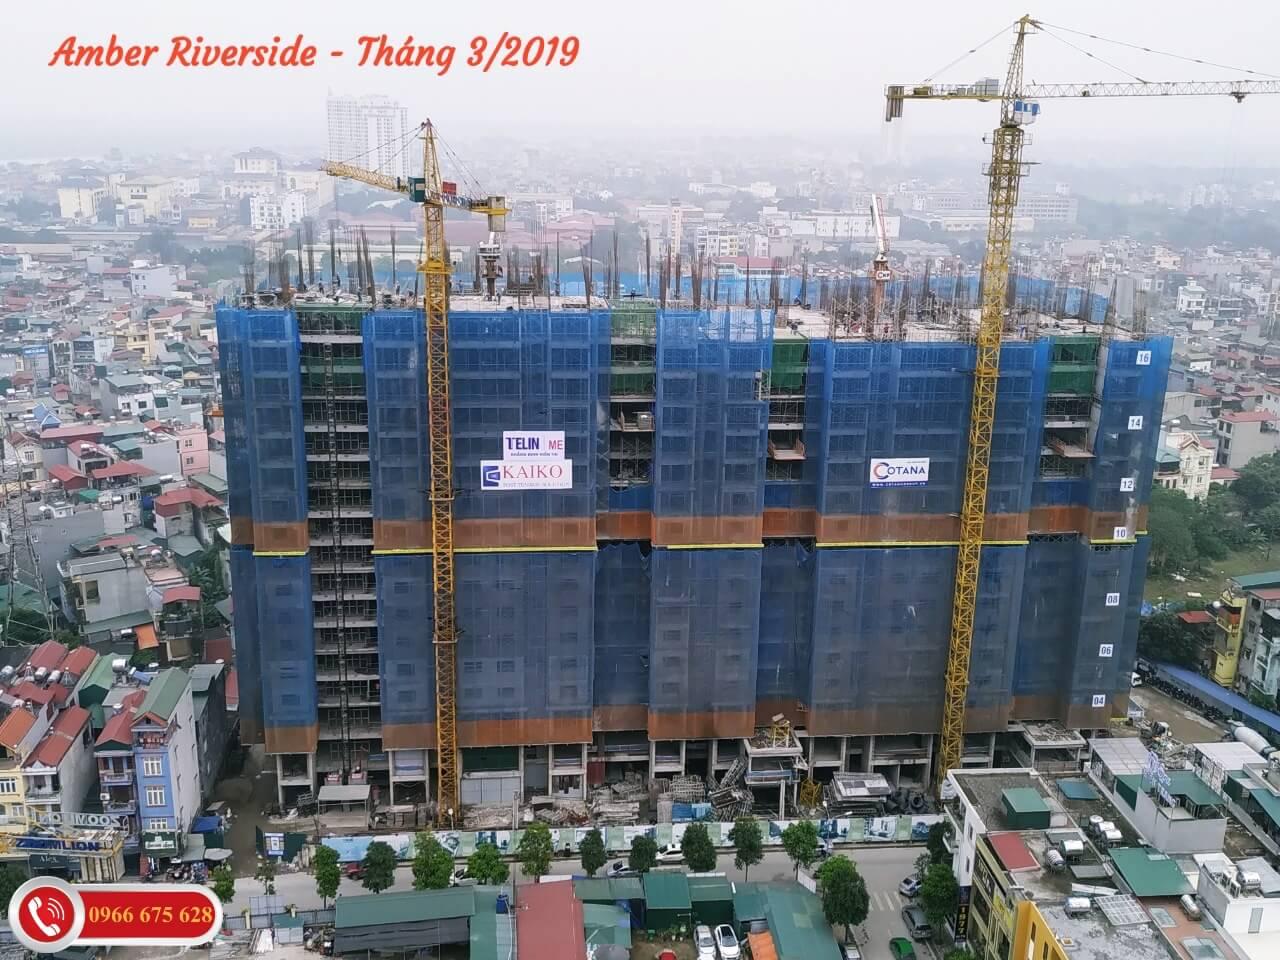 Tiến độ xây dựng dự án Amber Riverside tháng 3/2019